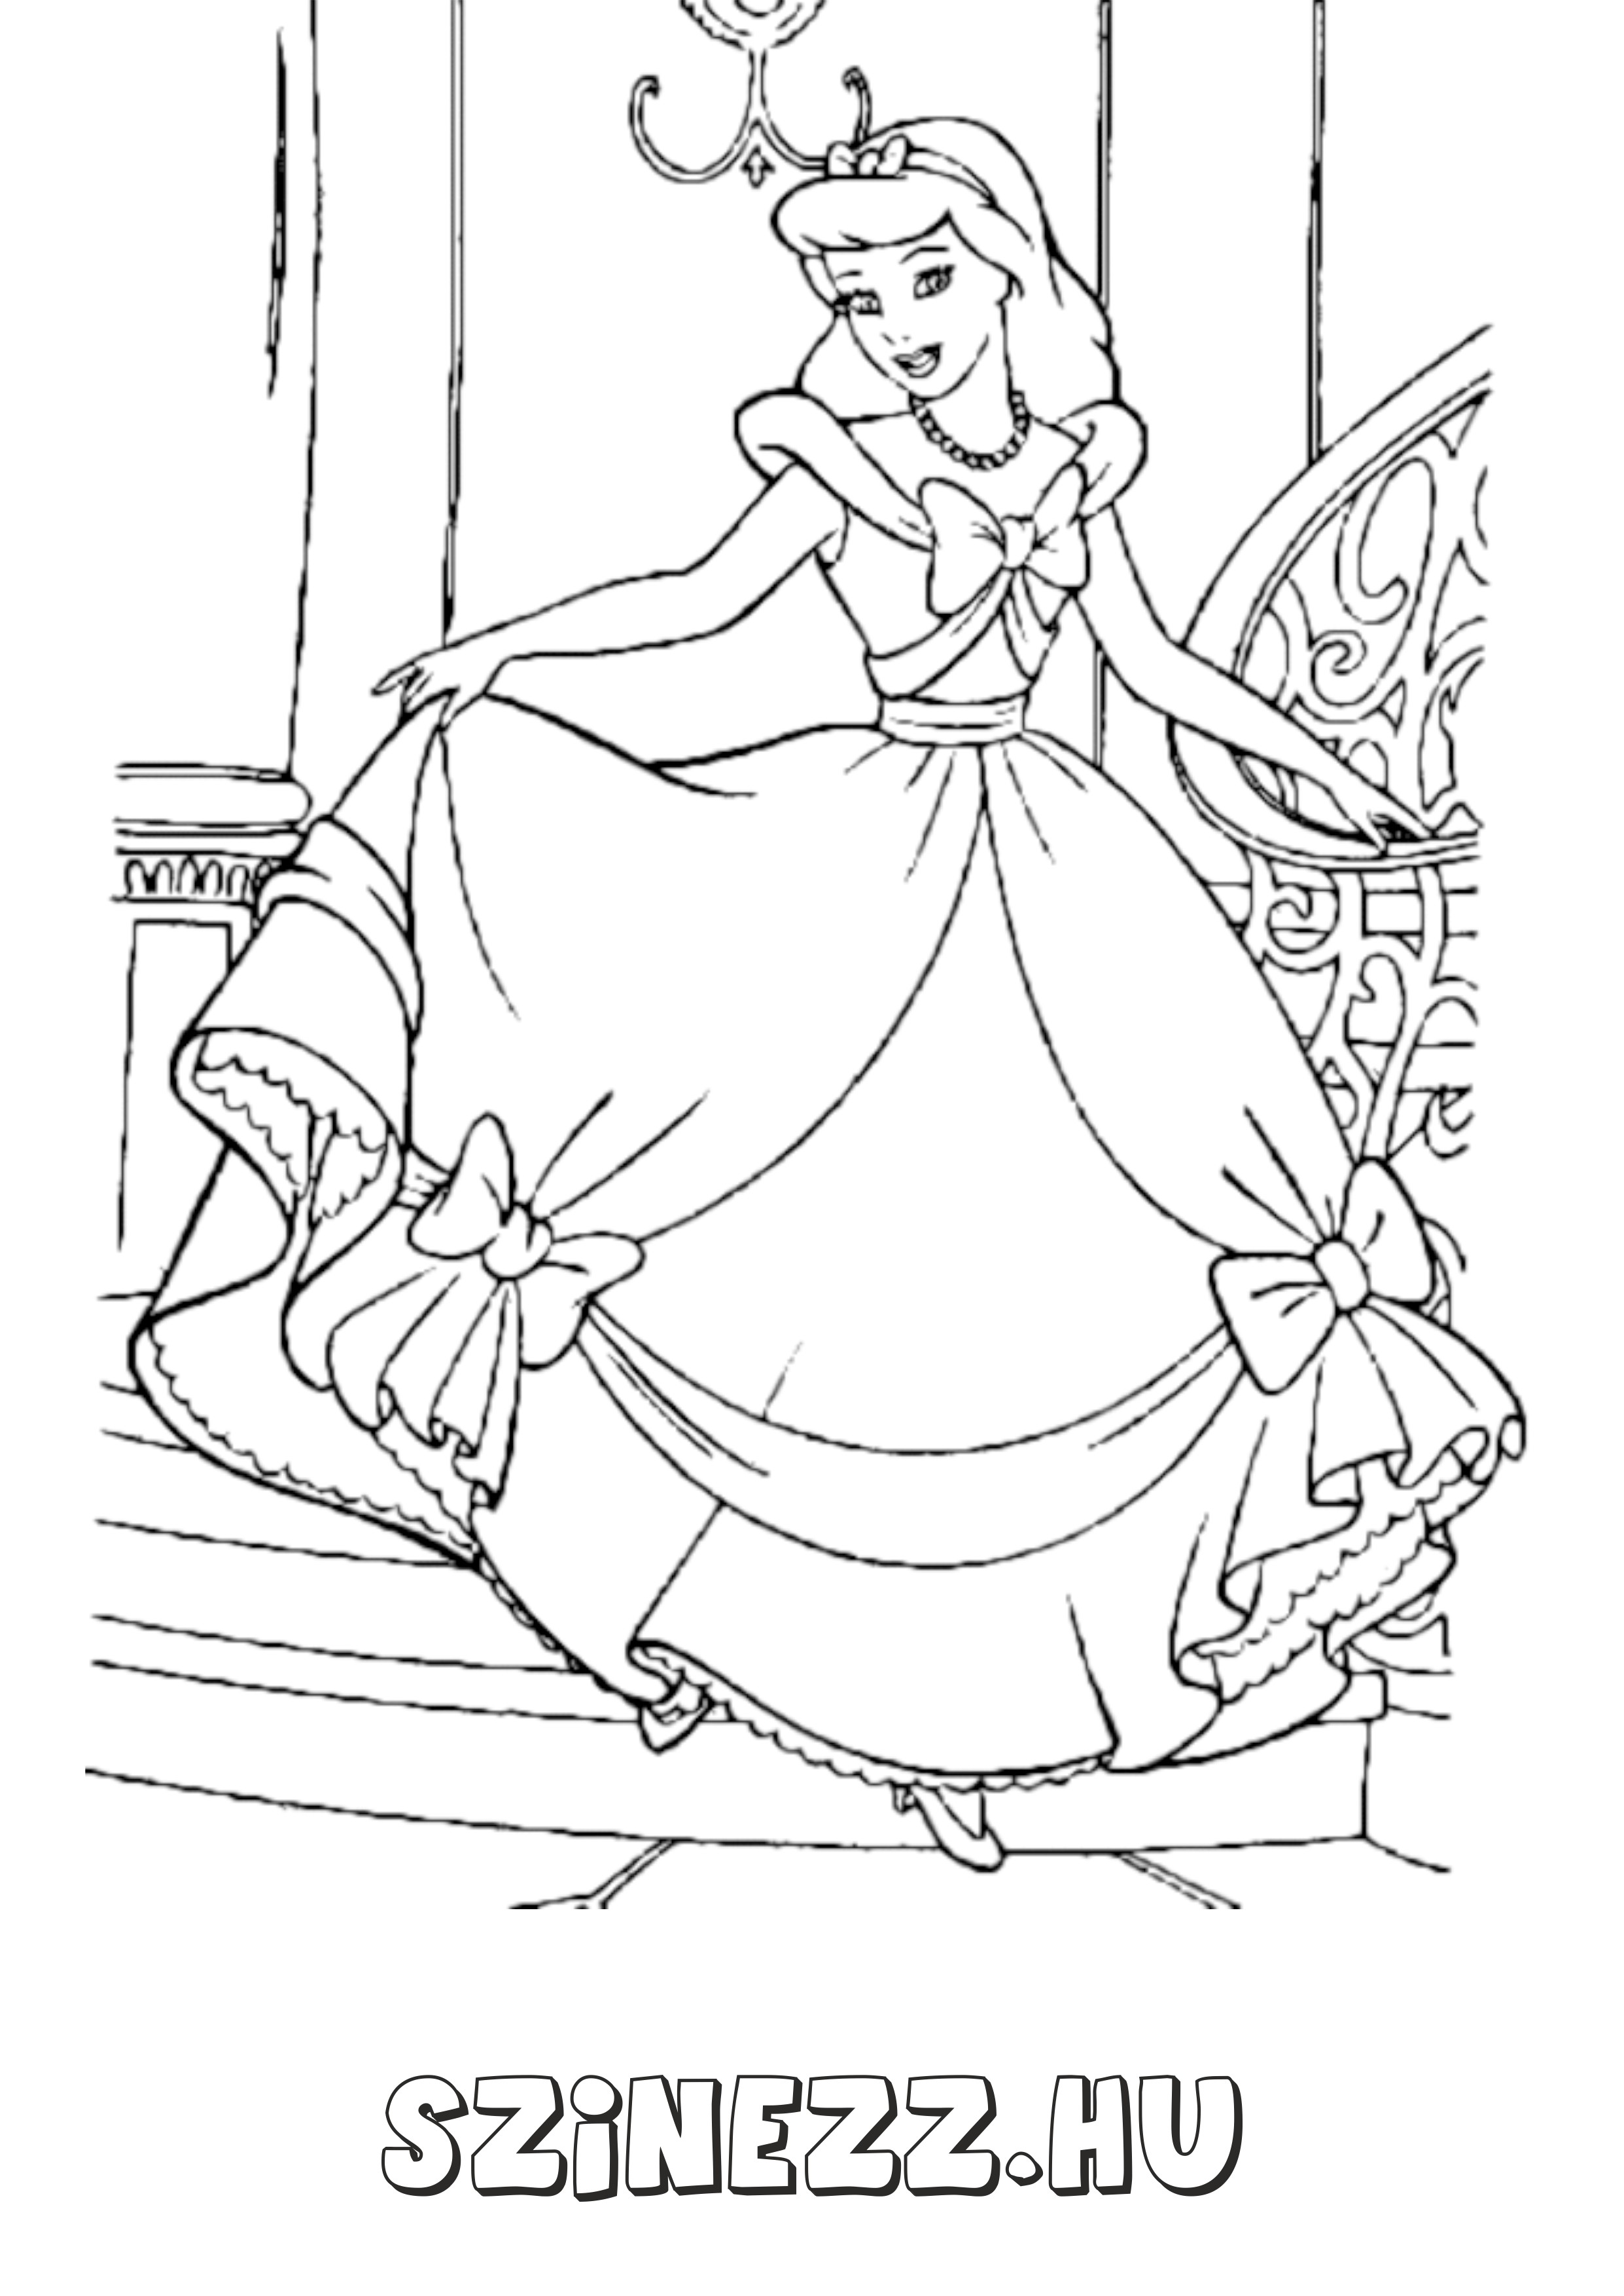 hercegnő kifestő színező, hercegnős kifestők színező hableány kifestő, hófeherke, csipkerózsika, hamupipőke, ariel